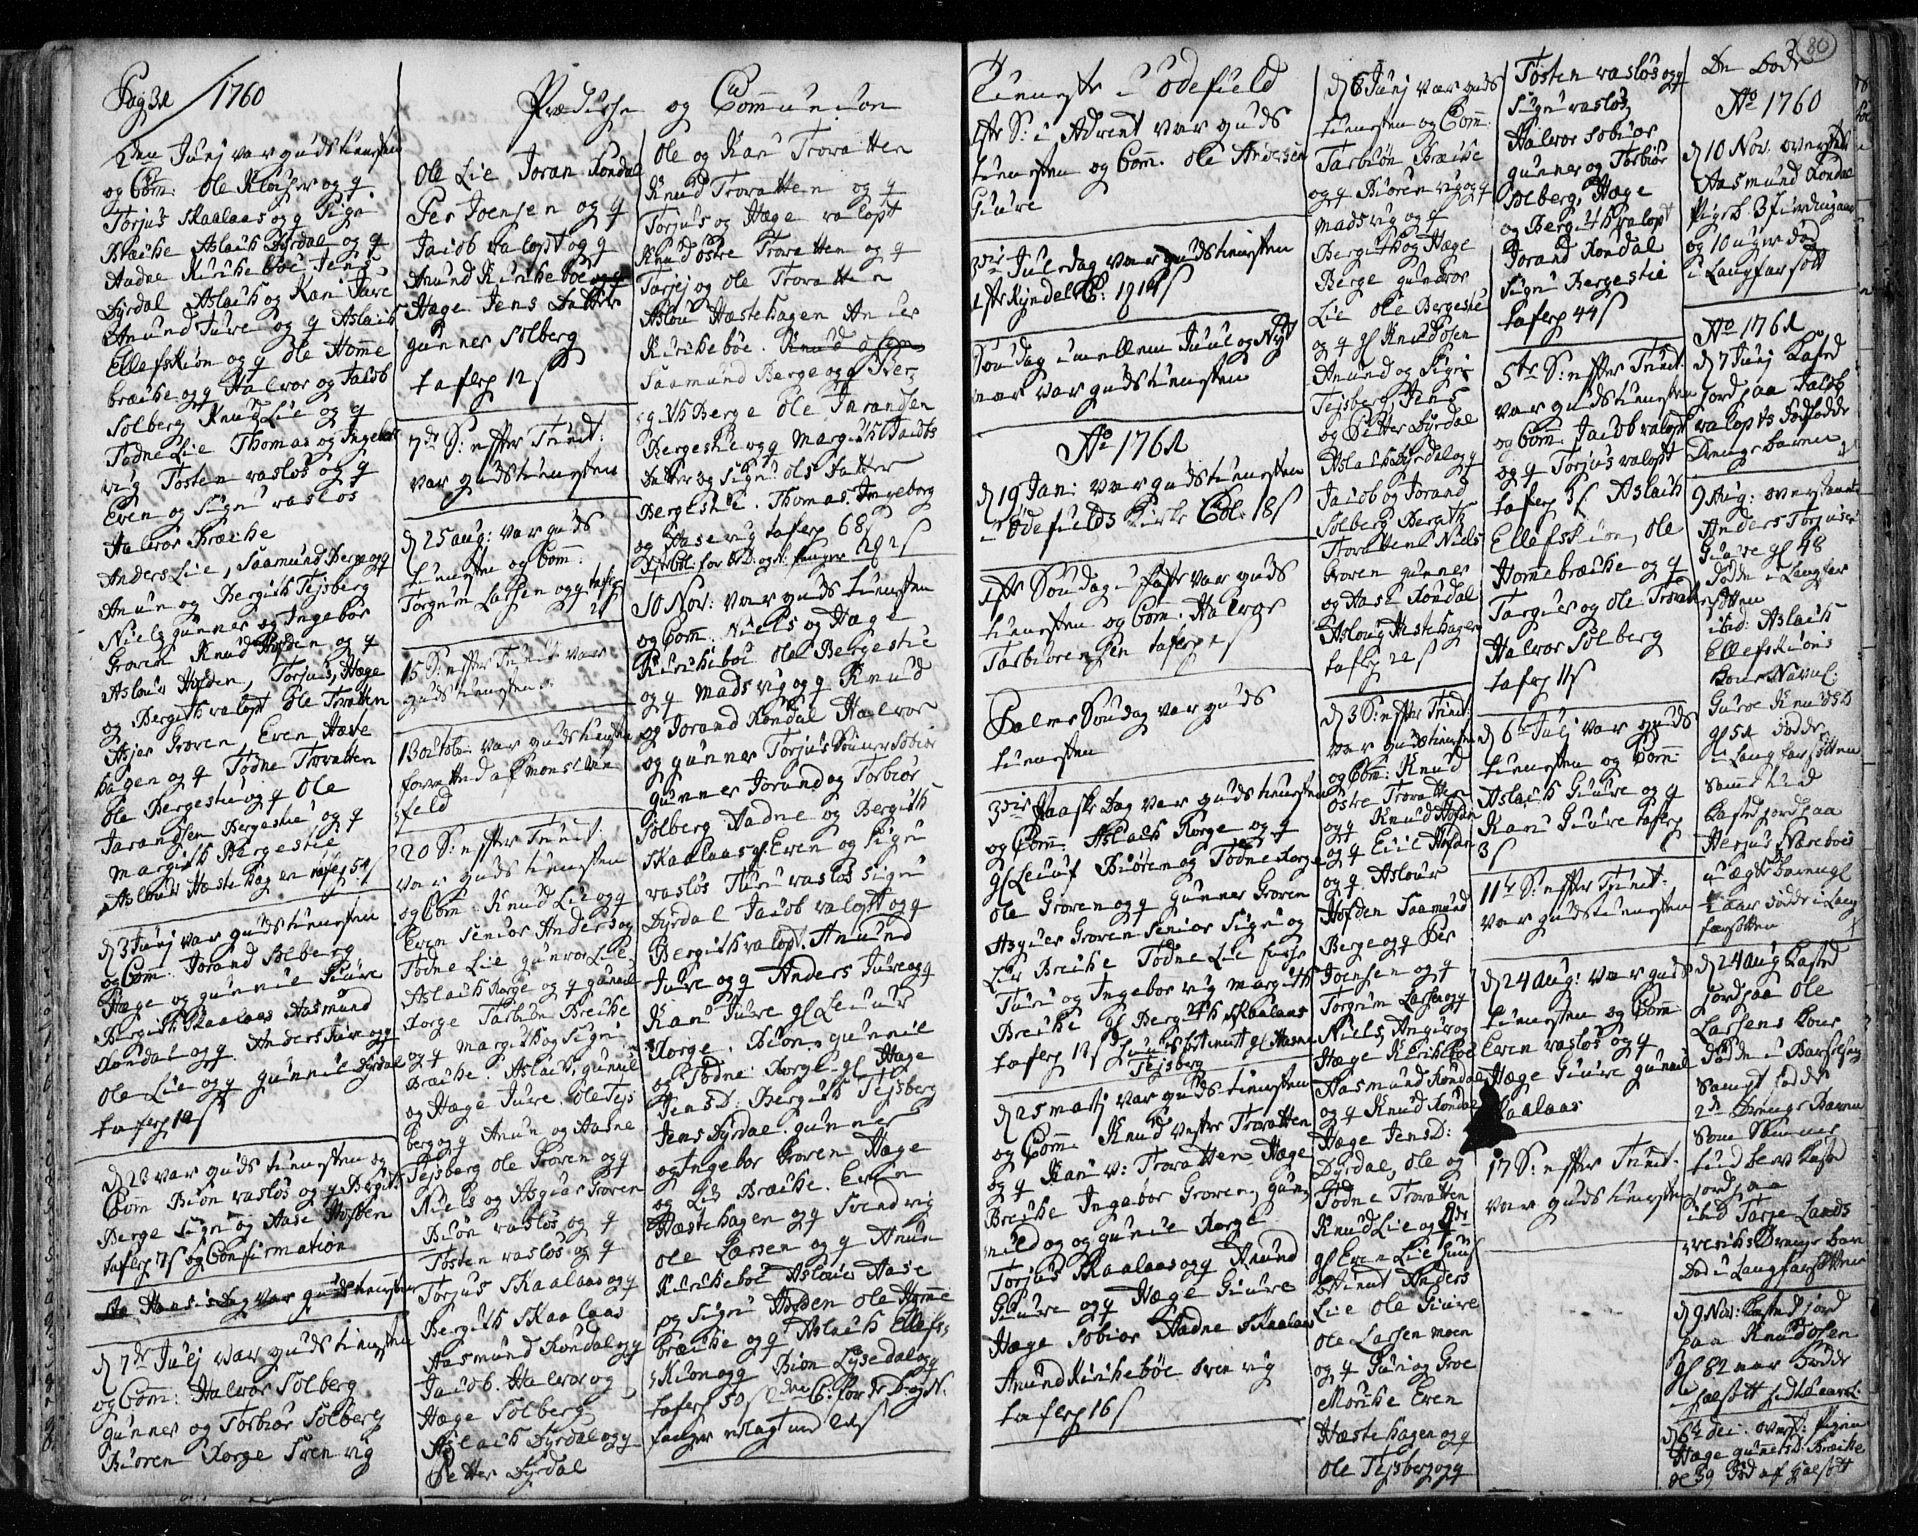 SAKO, Lårdal kirkebøker, F/Fa/L0003: Ministerialbok nr. I 3, 1754-1790, s. 80